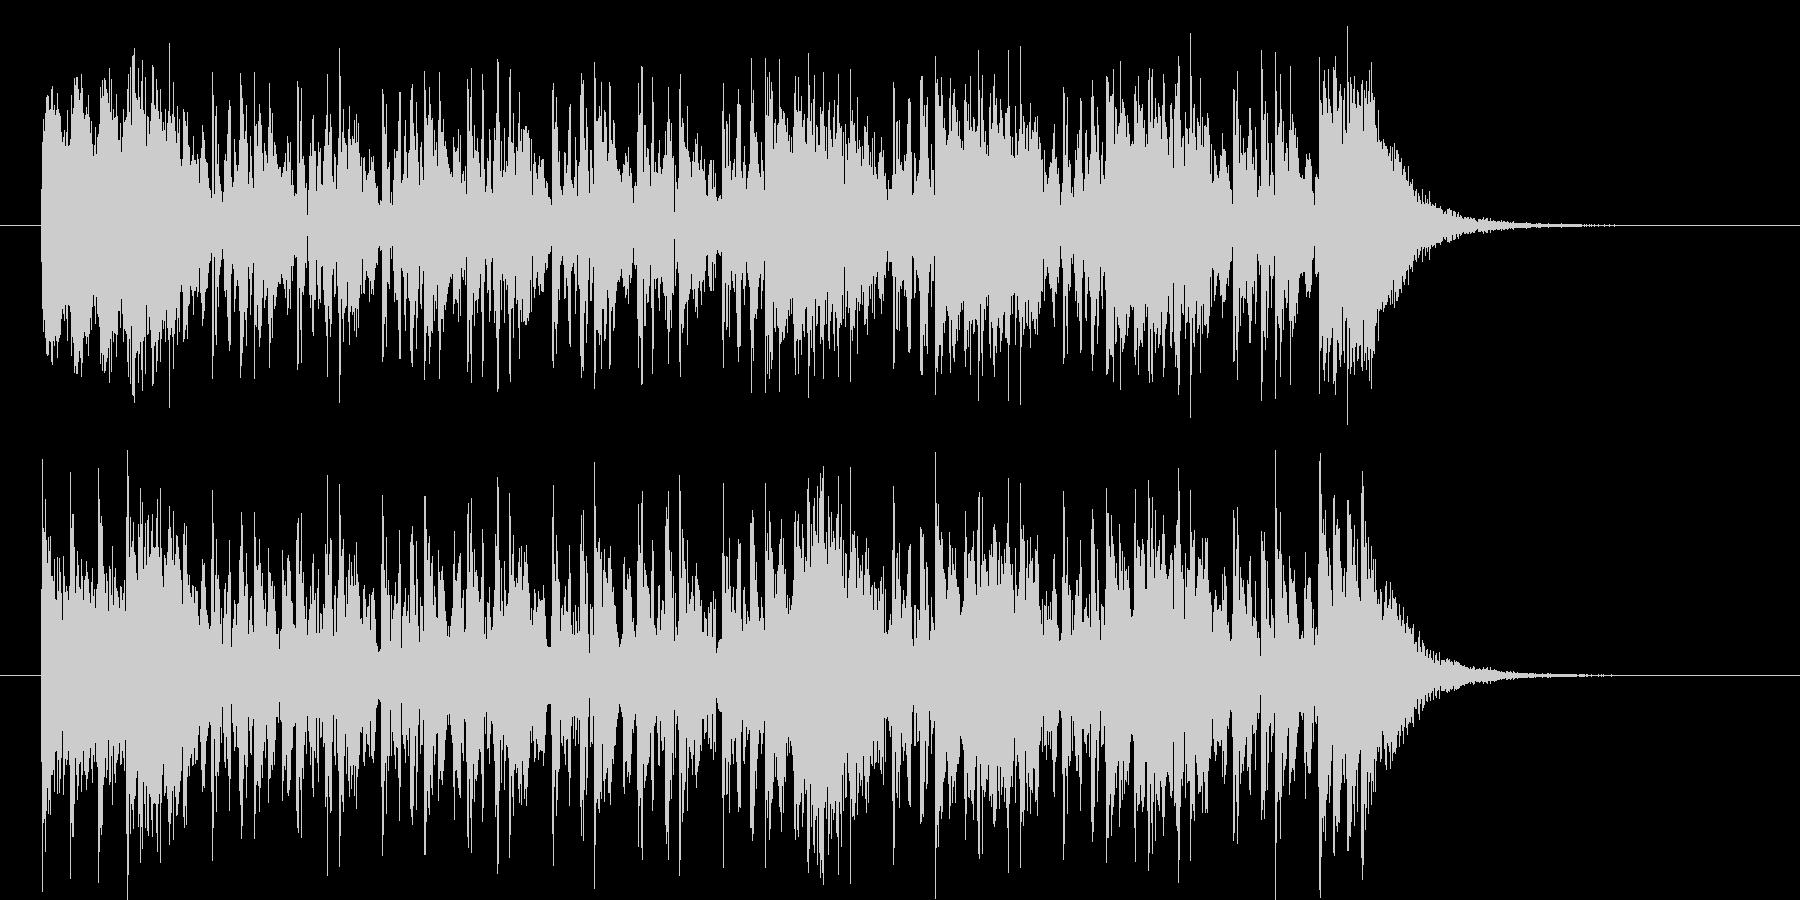 激しいテクノポップスのジングルの未再生の波形